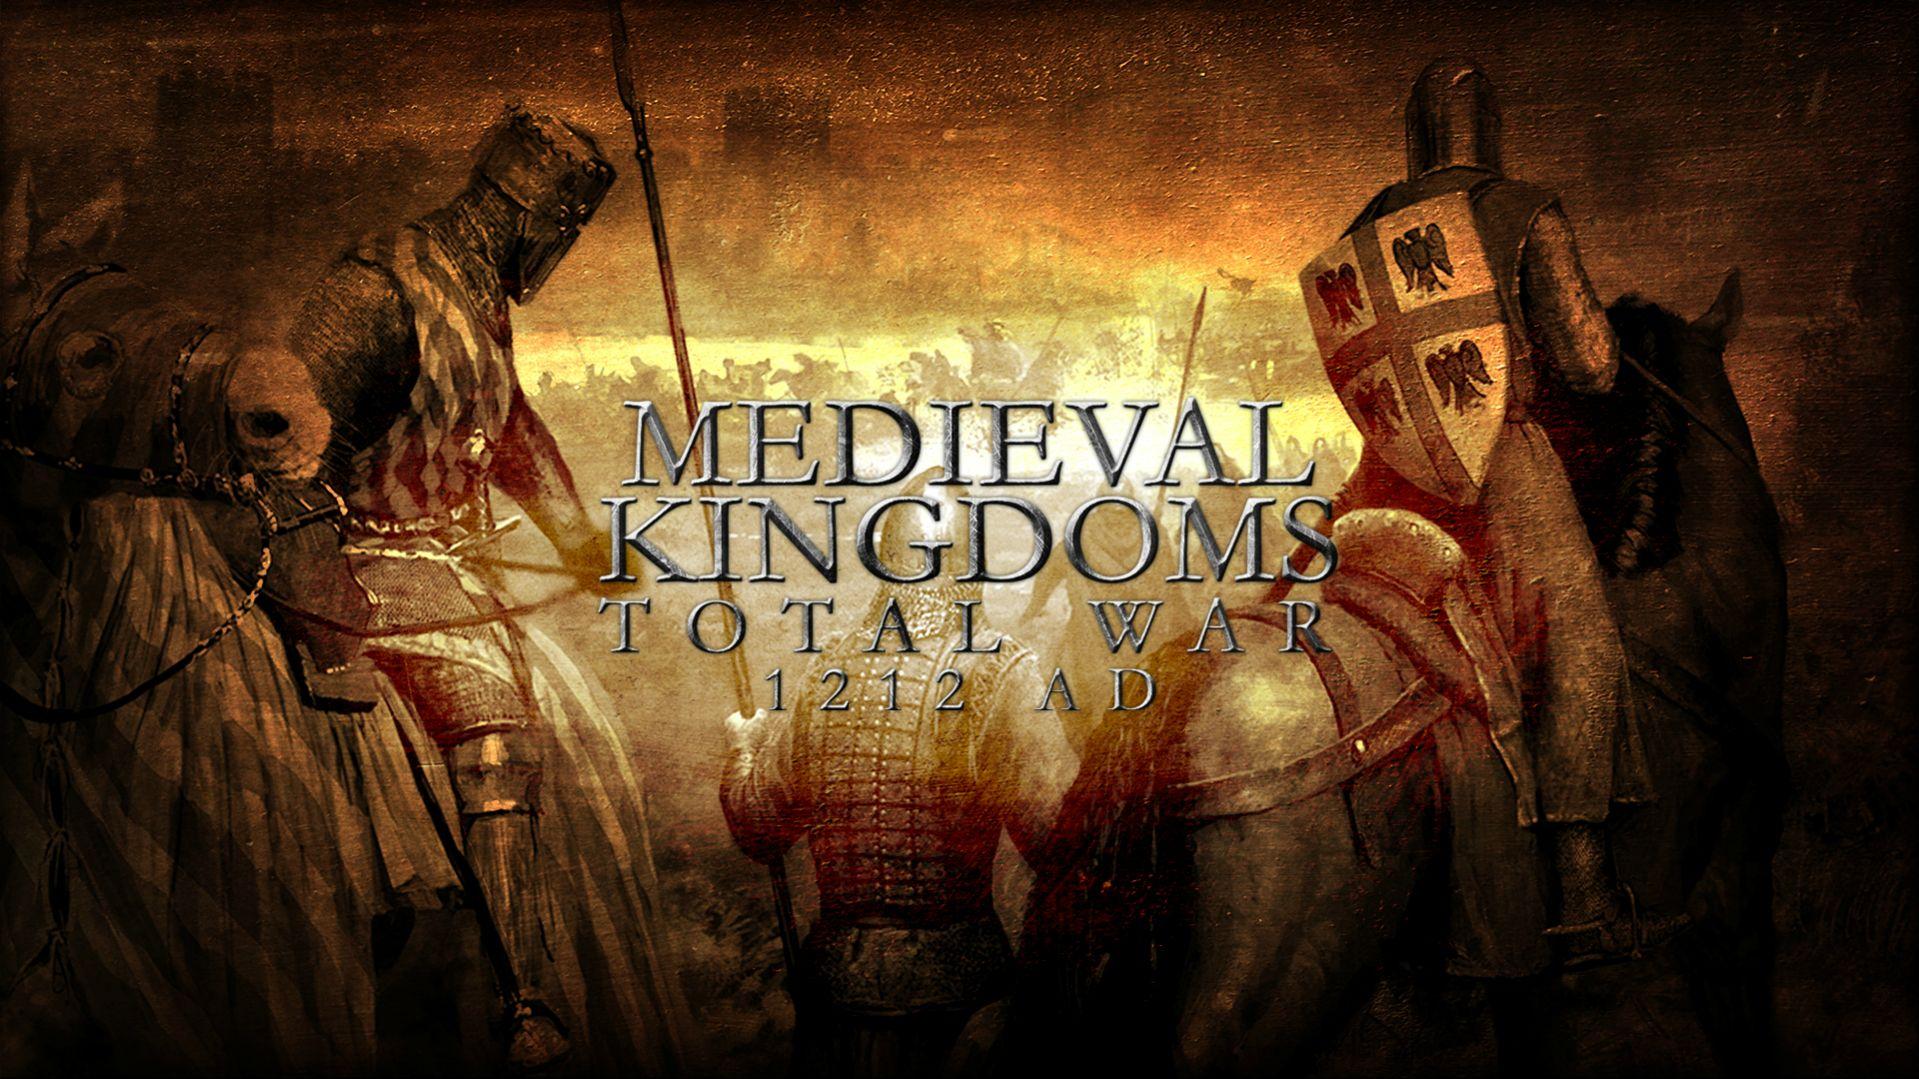 Medieval Kingdoms Total War (Attila Version) mod - Mod DB